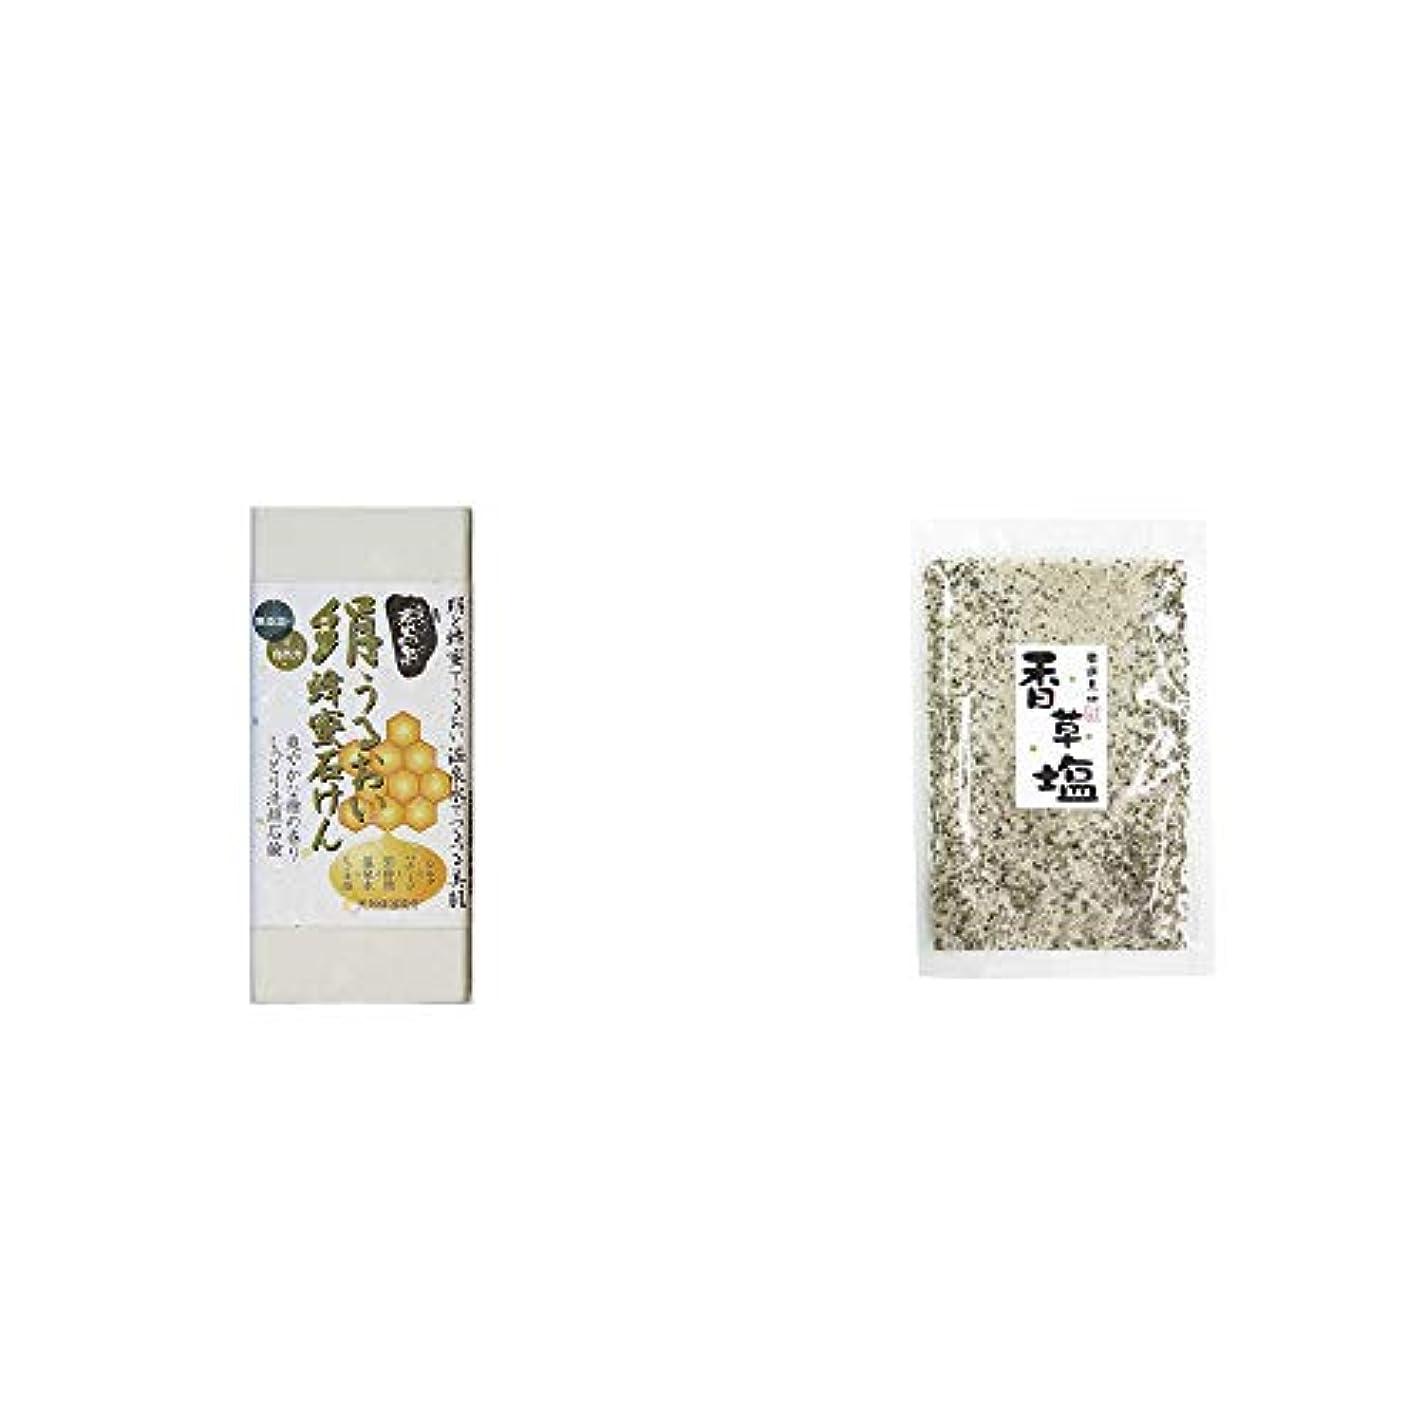 ふざけたそこ代理店[2点セット] ひのき炭黒泉 絹うるおい蜂蜜石けん(75g×2)?香草塩 [袋タイプ](100g)